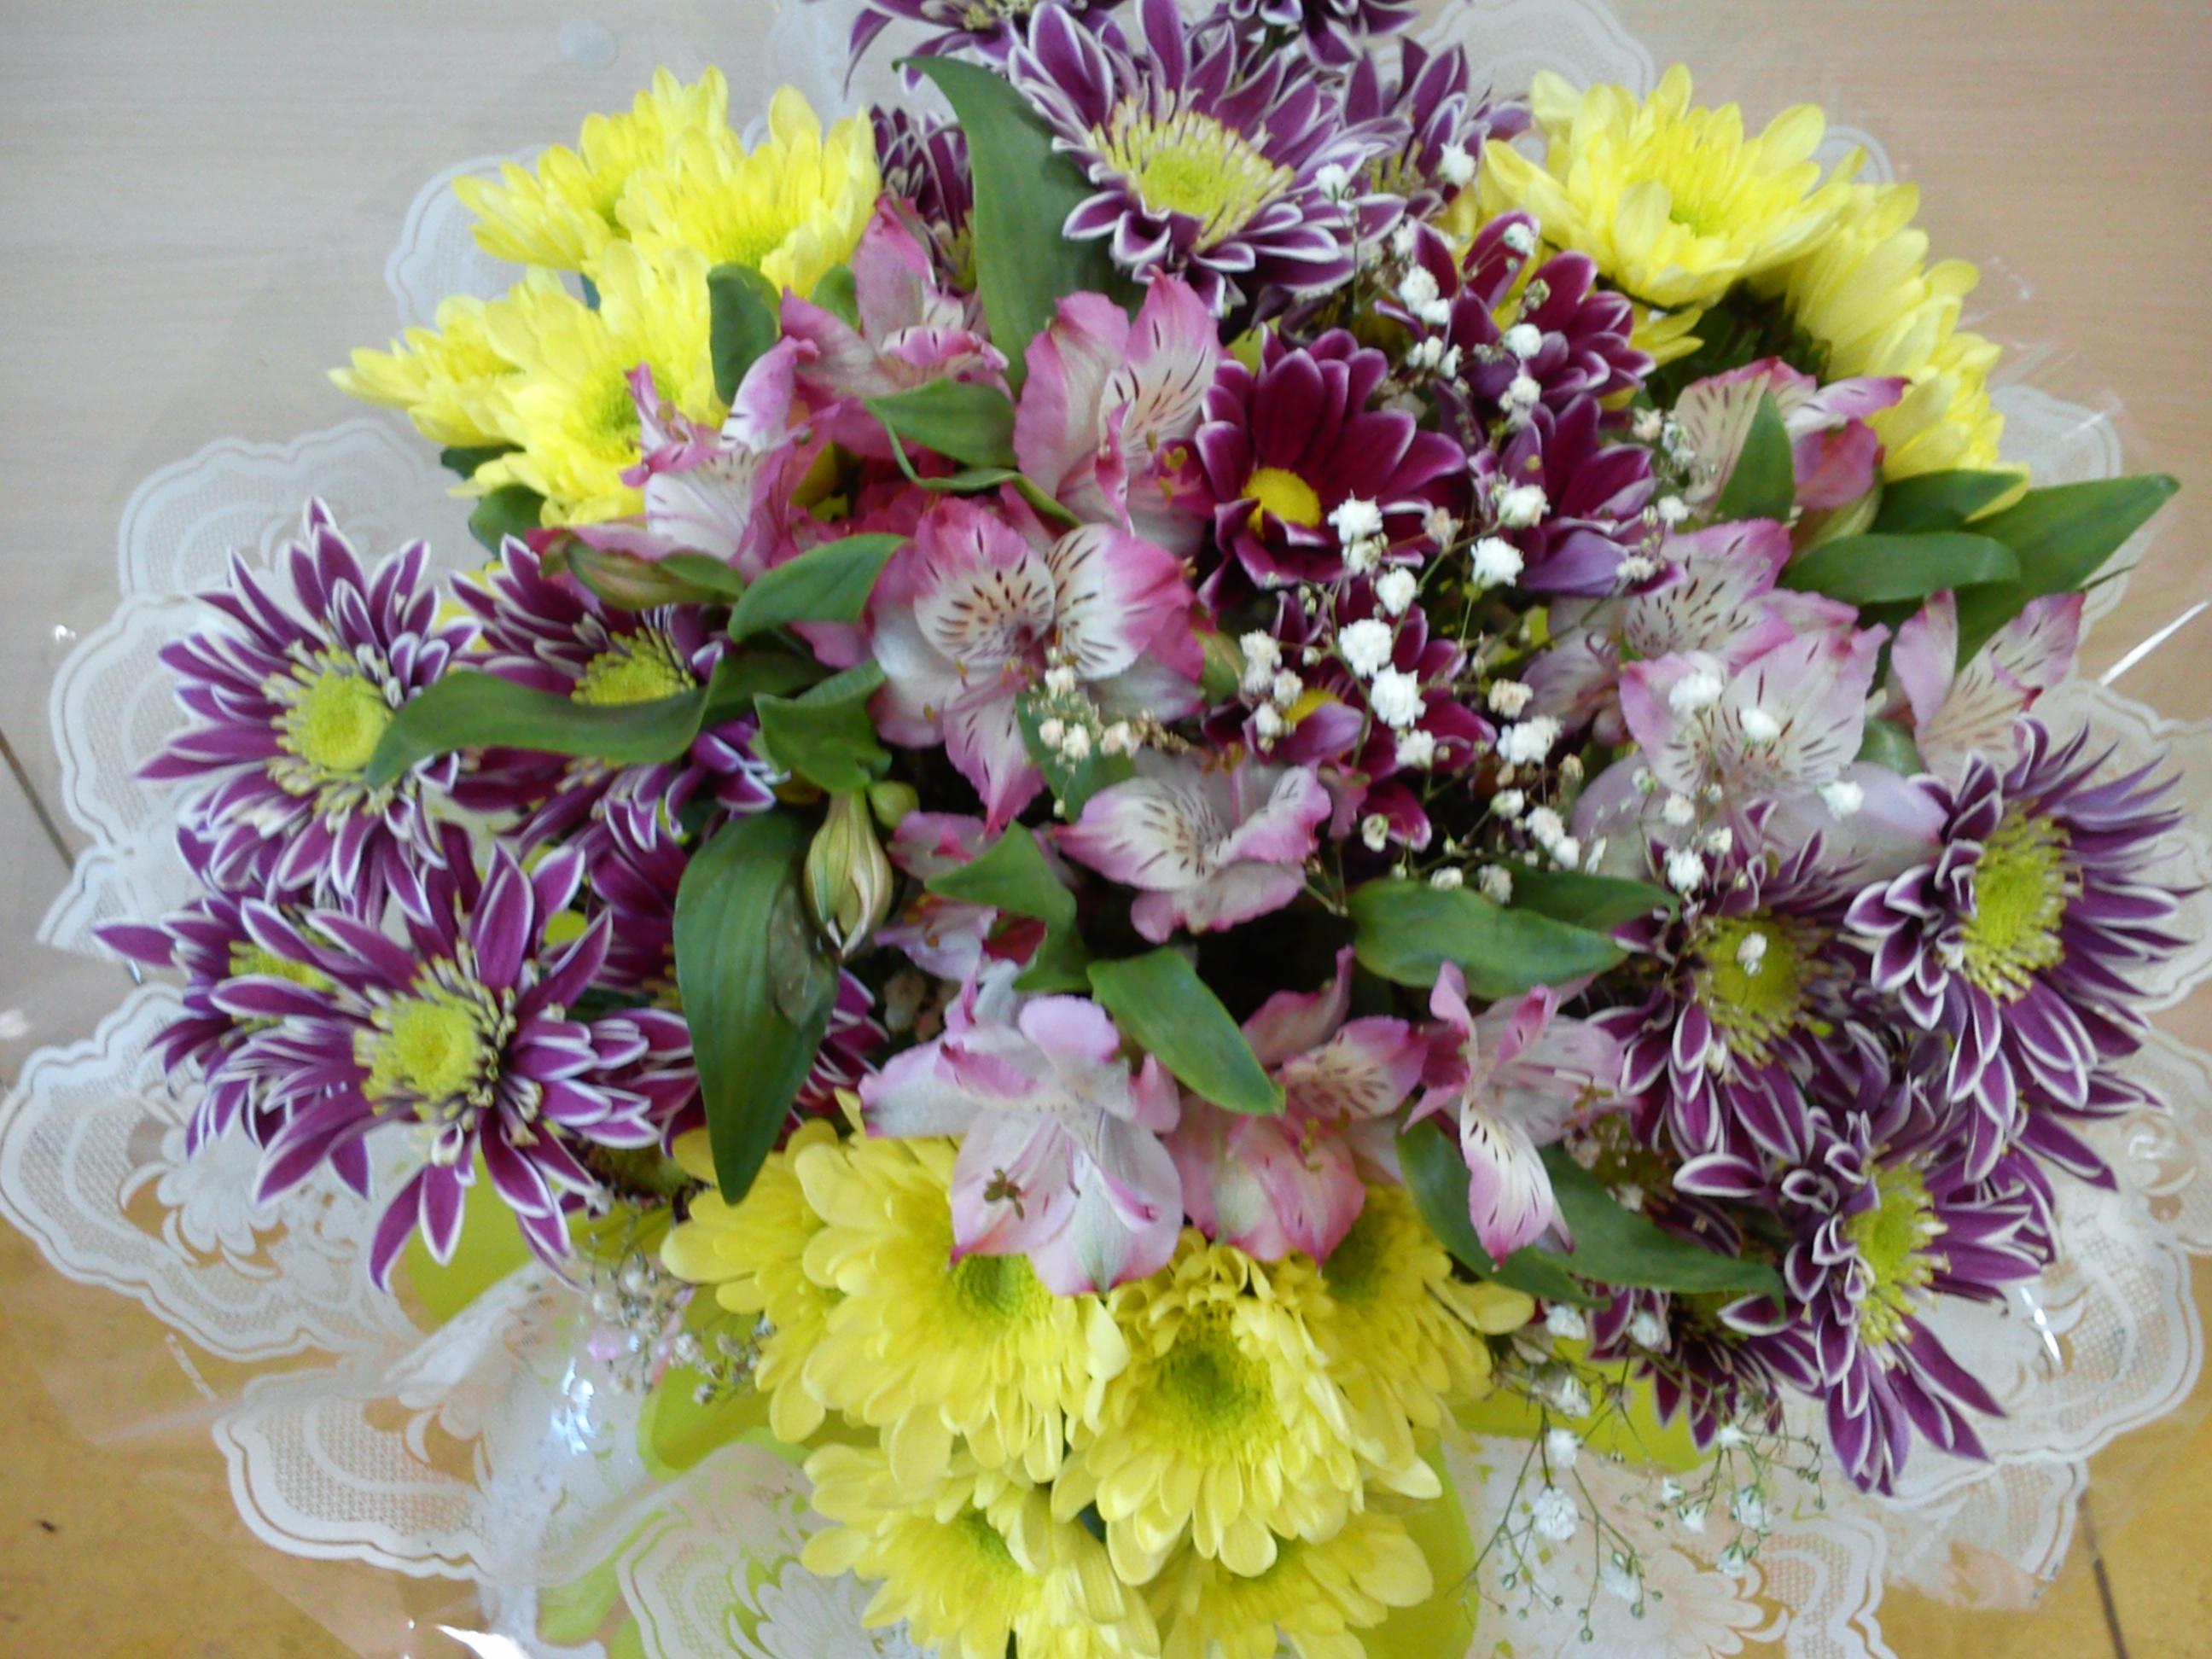 Доставка цветов в химках недорого заказ цветов с доставкой по донецку доставка цветов донецк